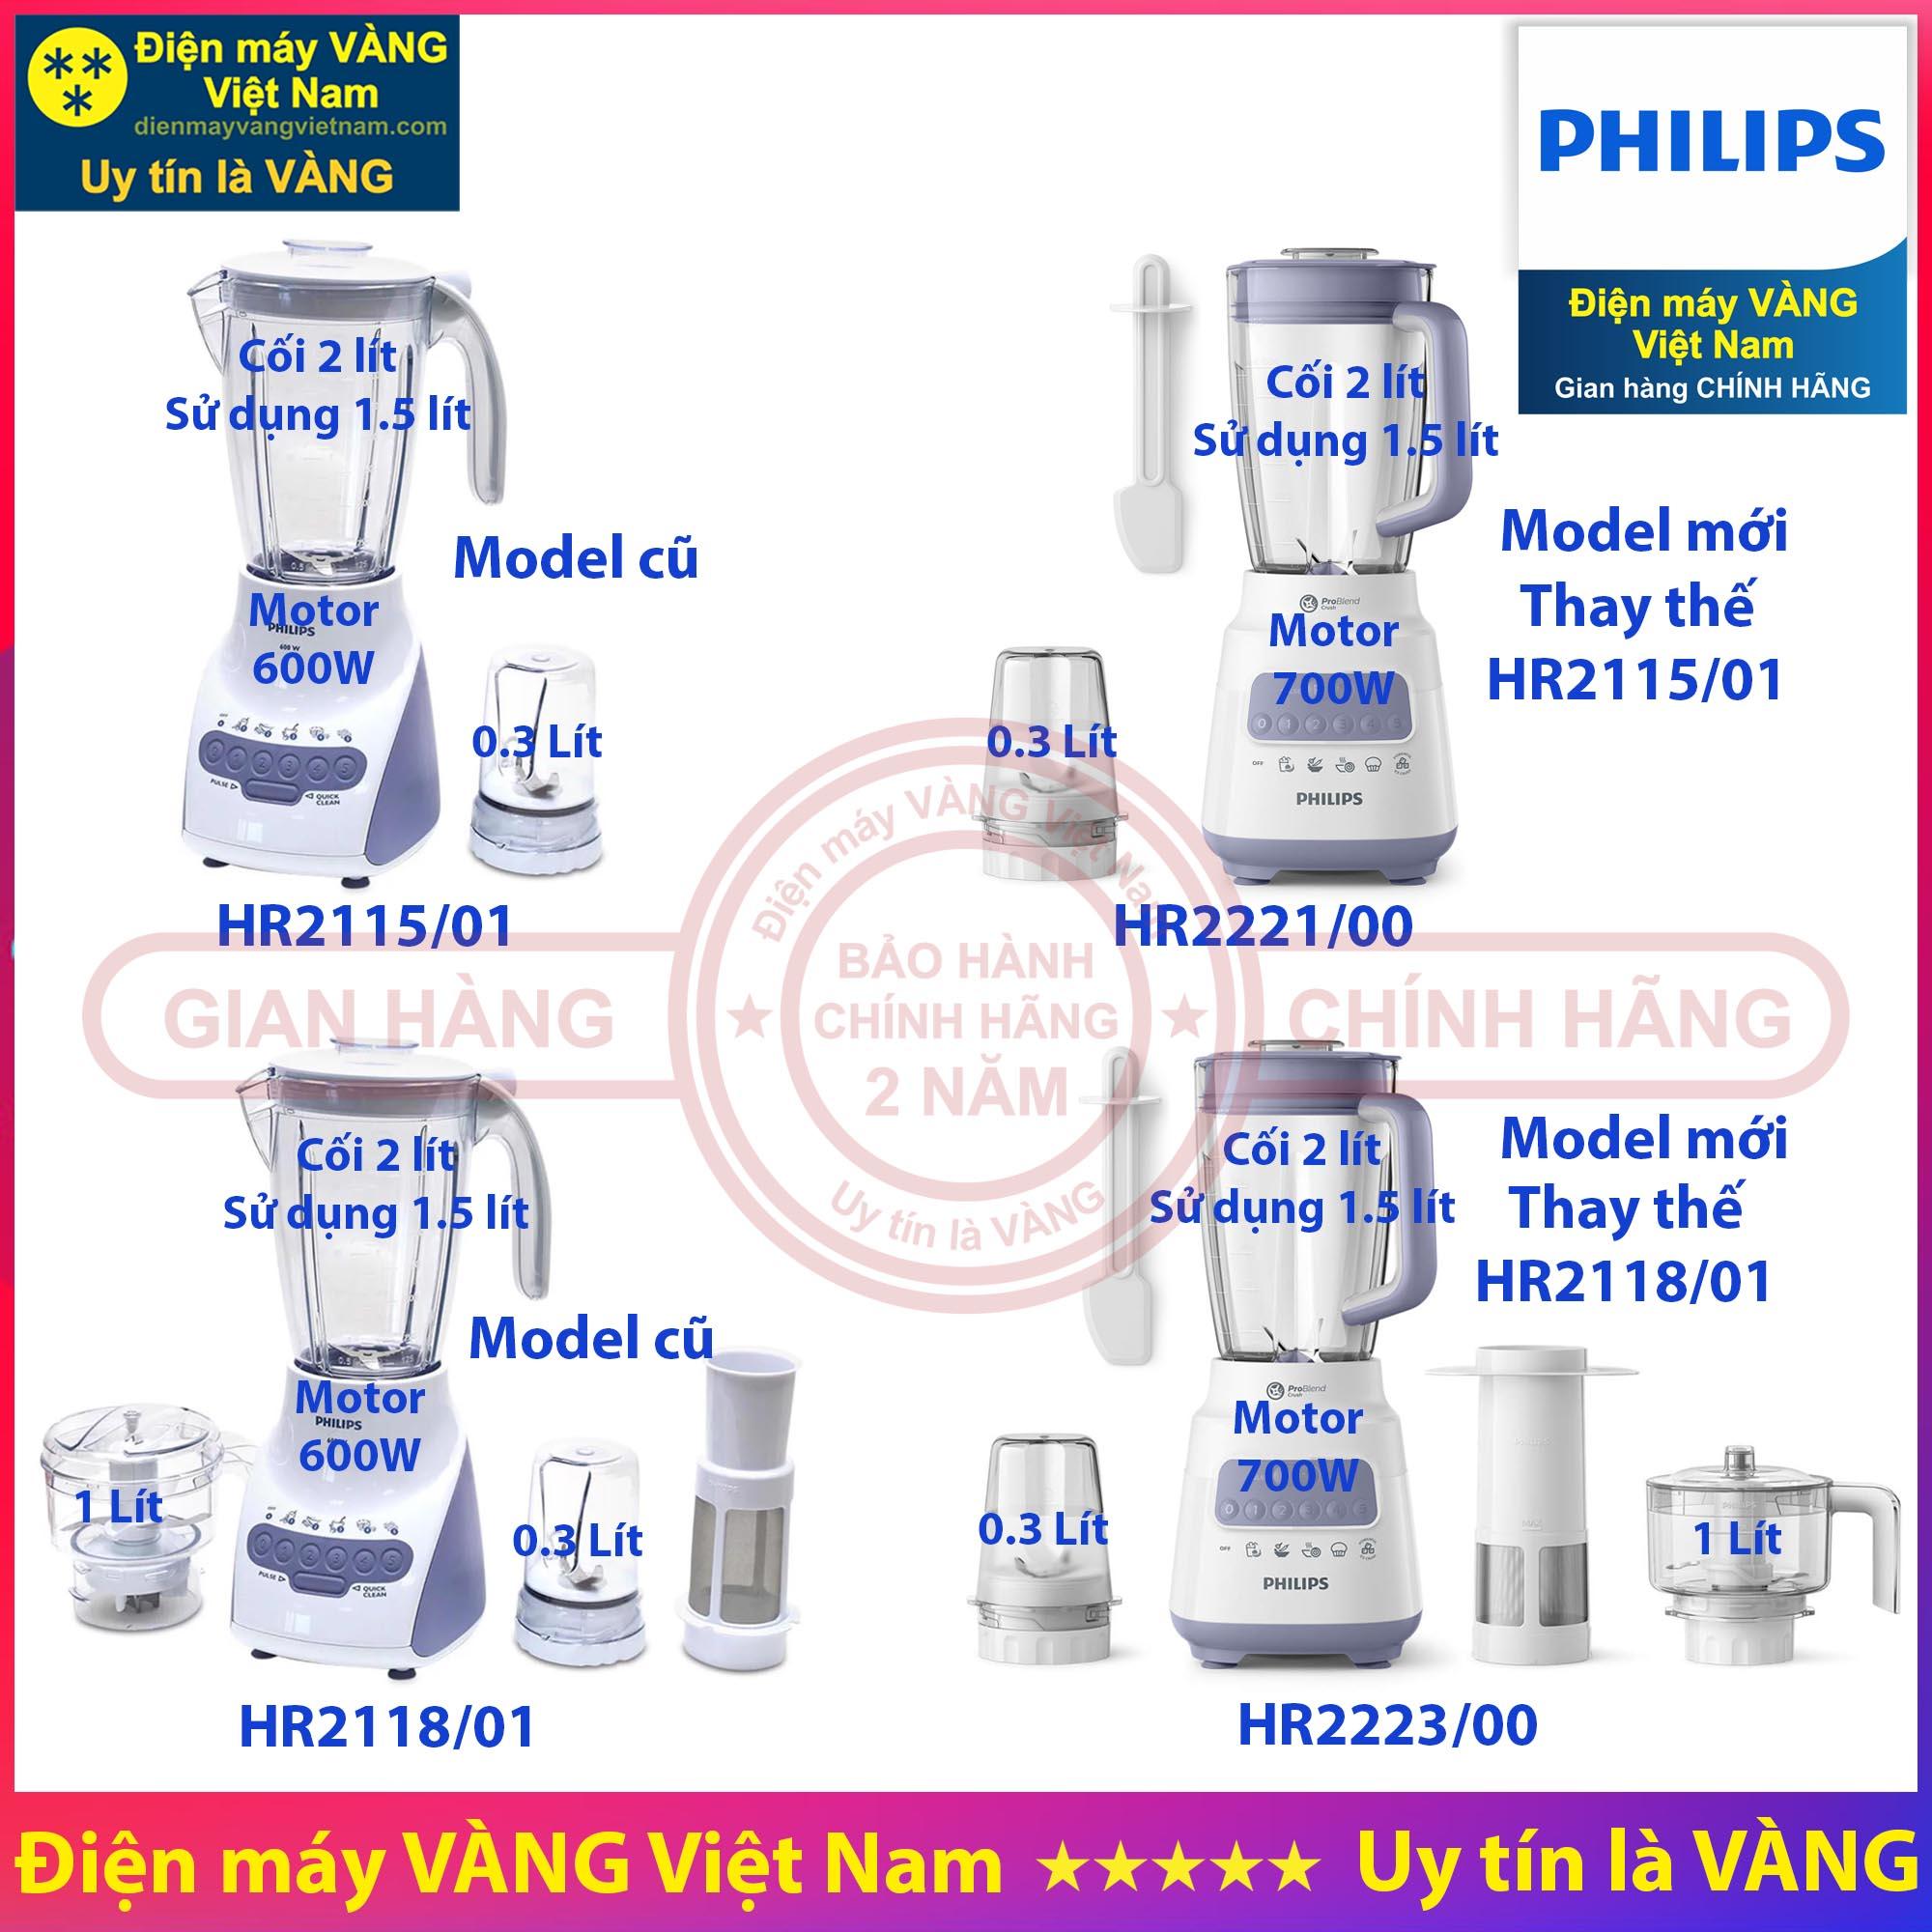 Máy xay sinh tố Philips HR2115 HR2221 HR2118 HR2223 - Hàng chính hãng (Bảo hành 2 năm trên toàn quốc)